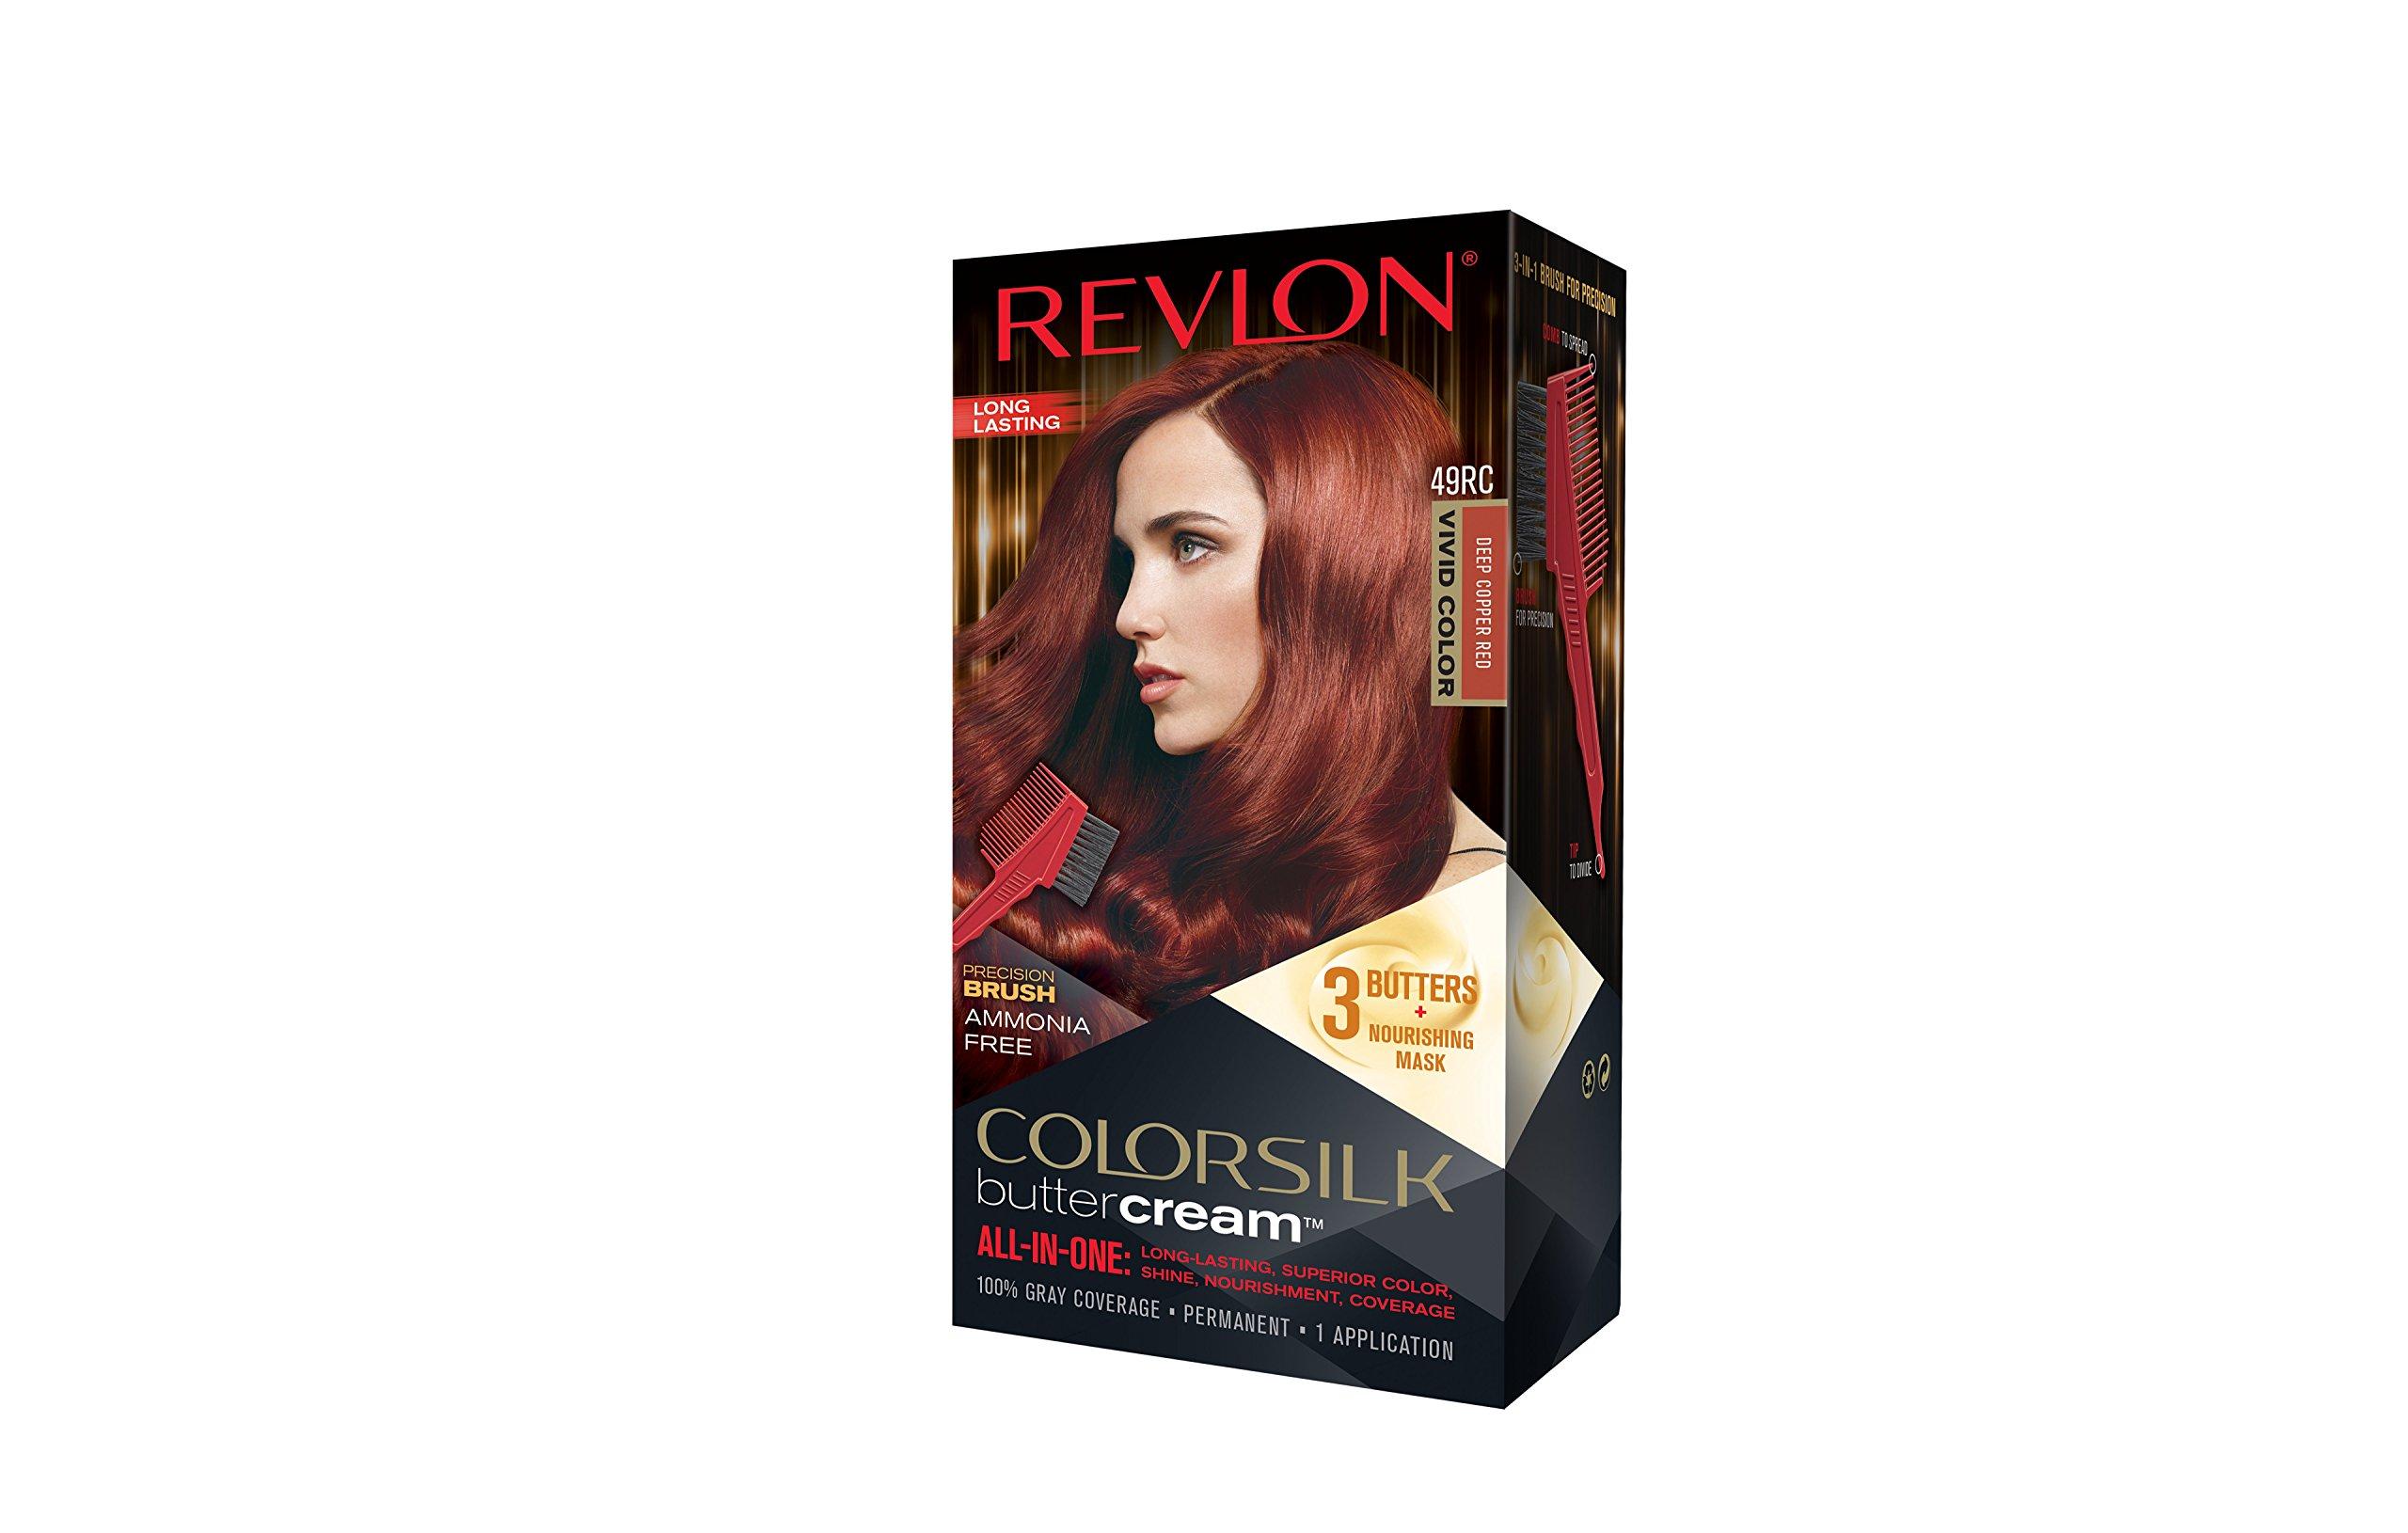 Amazon Revlon Colorsilk Buttercream Hair Dye Vivid Intense